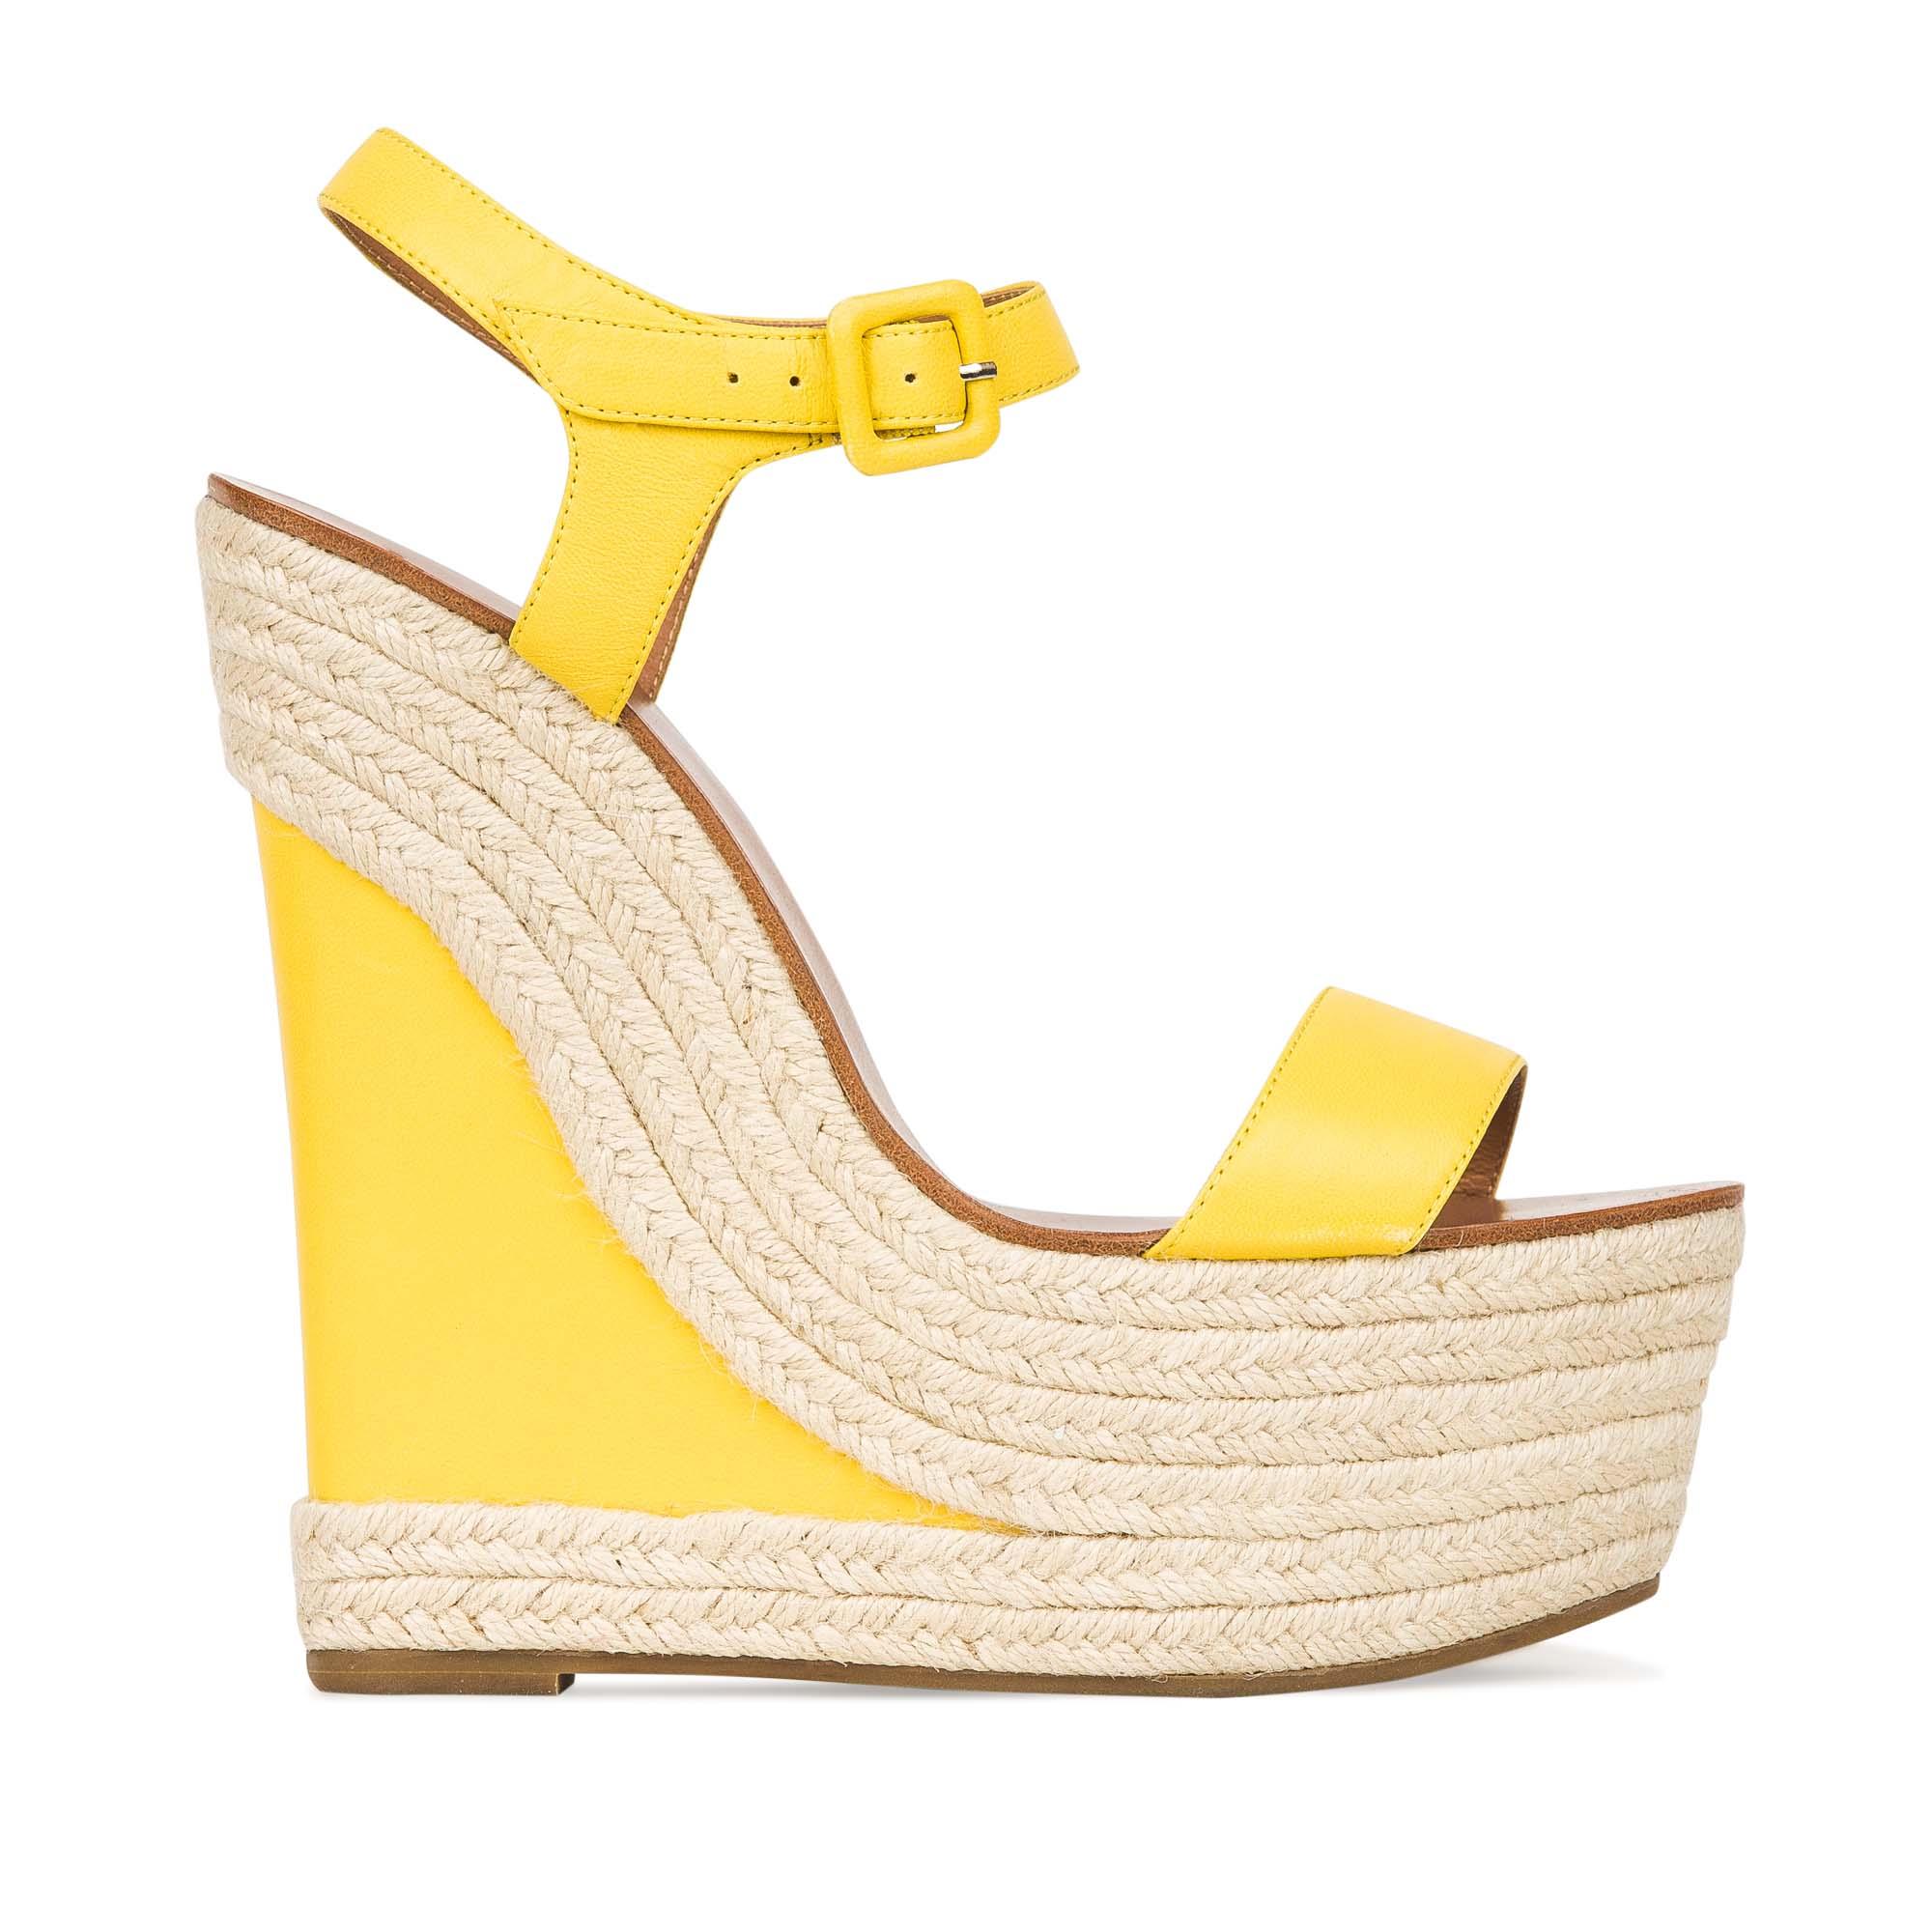 Кожаные босоножки солнечно-желтого цвета на танкетке, декорированной джутомБосоножки женские<br><br>Материал верха: Кожа<br>Материал подкладки: Кожа<br>Материал подошвы: Кожа<br>Цвет: Желтый<br>Высота каблука: 14см<br>Дизайн: Италия<br>Страна производства: Китай<br><br>Высота каблука: 14 см<br>Материал верха: Кожа<br>Материал подошвы: Кожа<br>Материал подкладки: Кожа<br>Цвет: Желтый<br>Вес кг: 0.59200000<br>Размер: 35